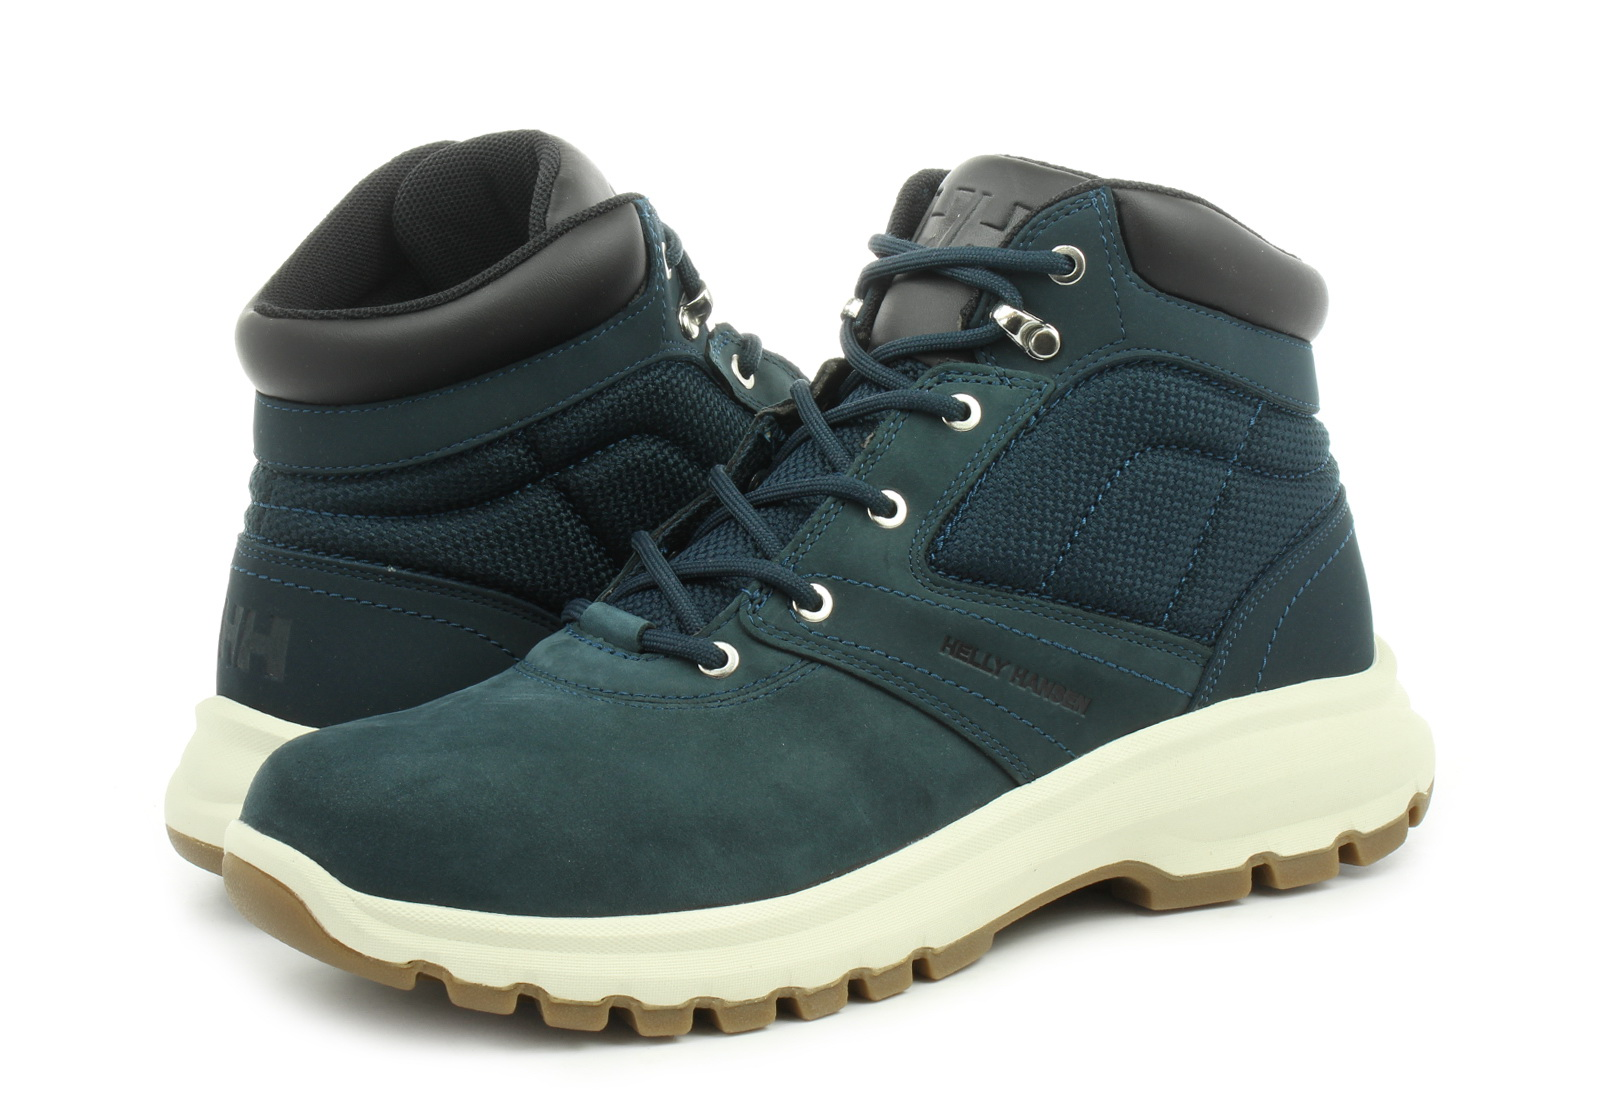 dobra jakość przytulnie świeże za pół Helly Hansen Buty Zimowe - Montreal V2 - 11425-598 - Obuwie i buty damskie,  męskie, dziecięce w Office Shoes